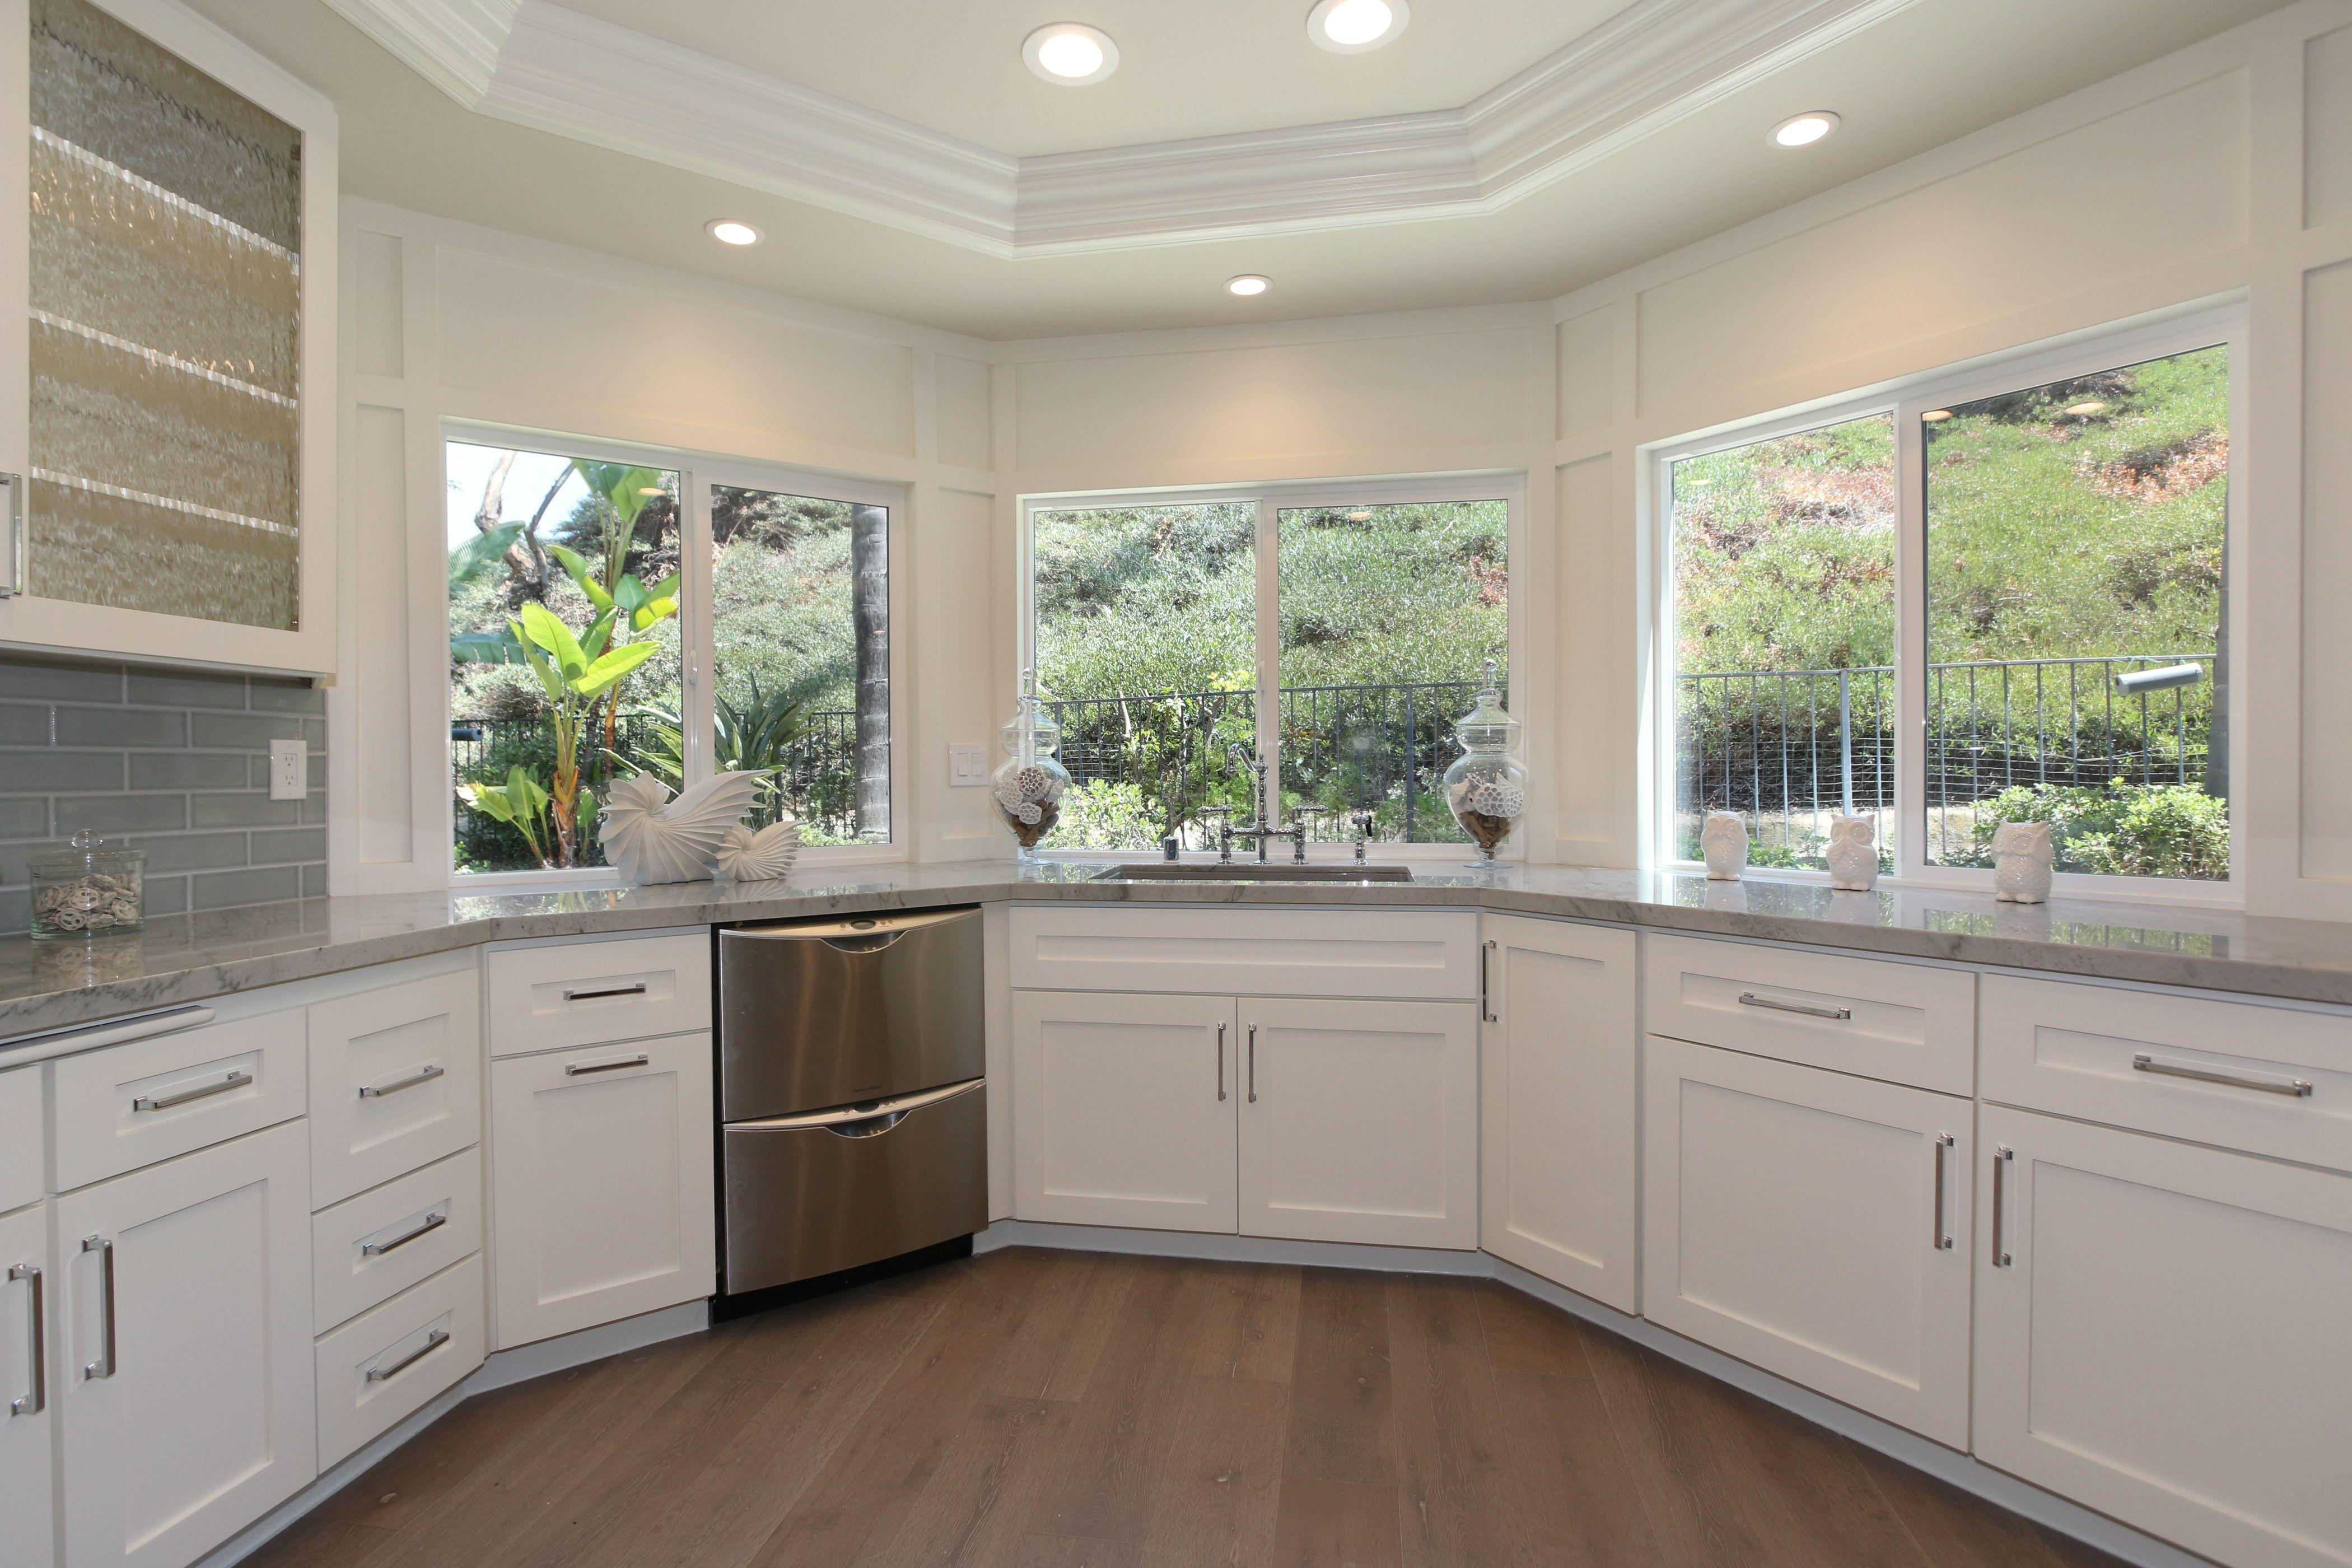 Wainscoting On Walls Around Windows In Kitchen Sea Pearl Quartzite Counters Quartzite Counters Kitchen Kitchen Window